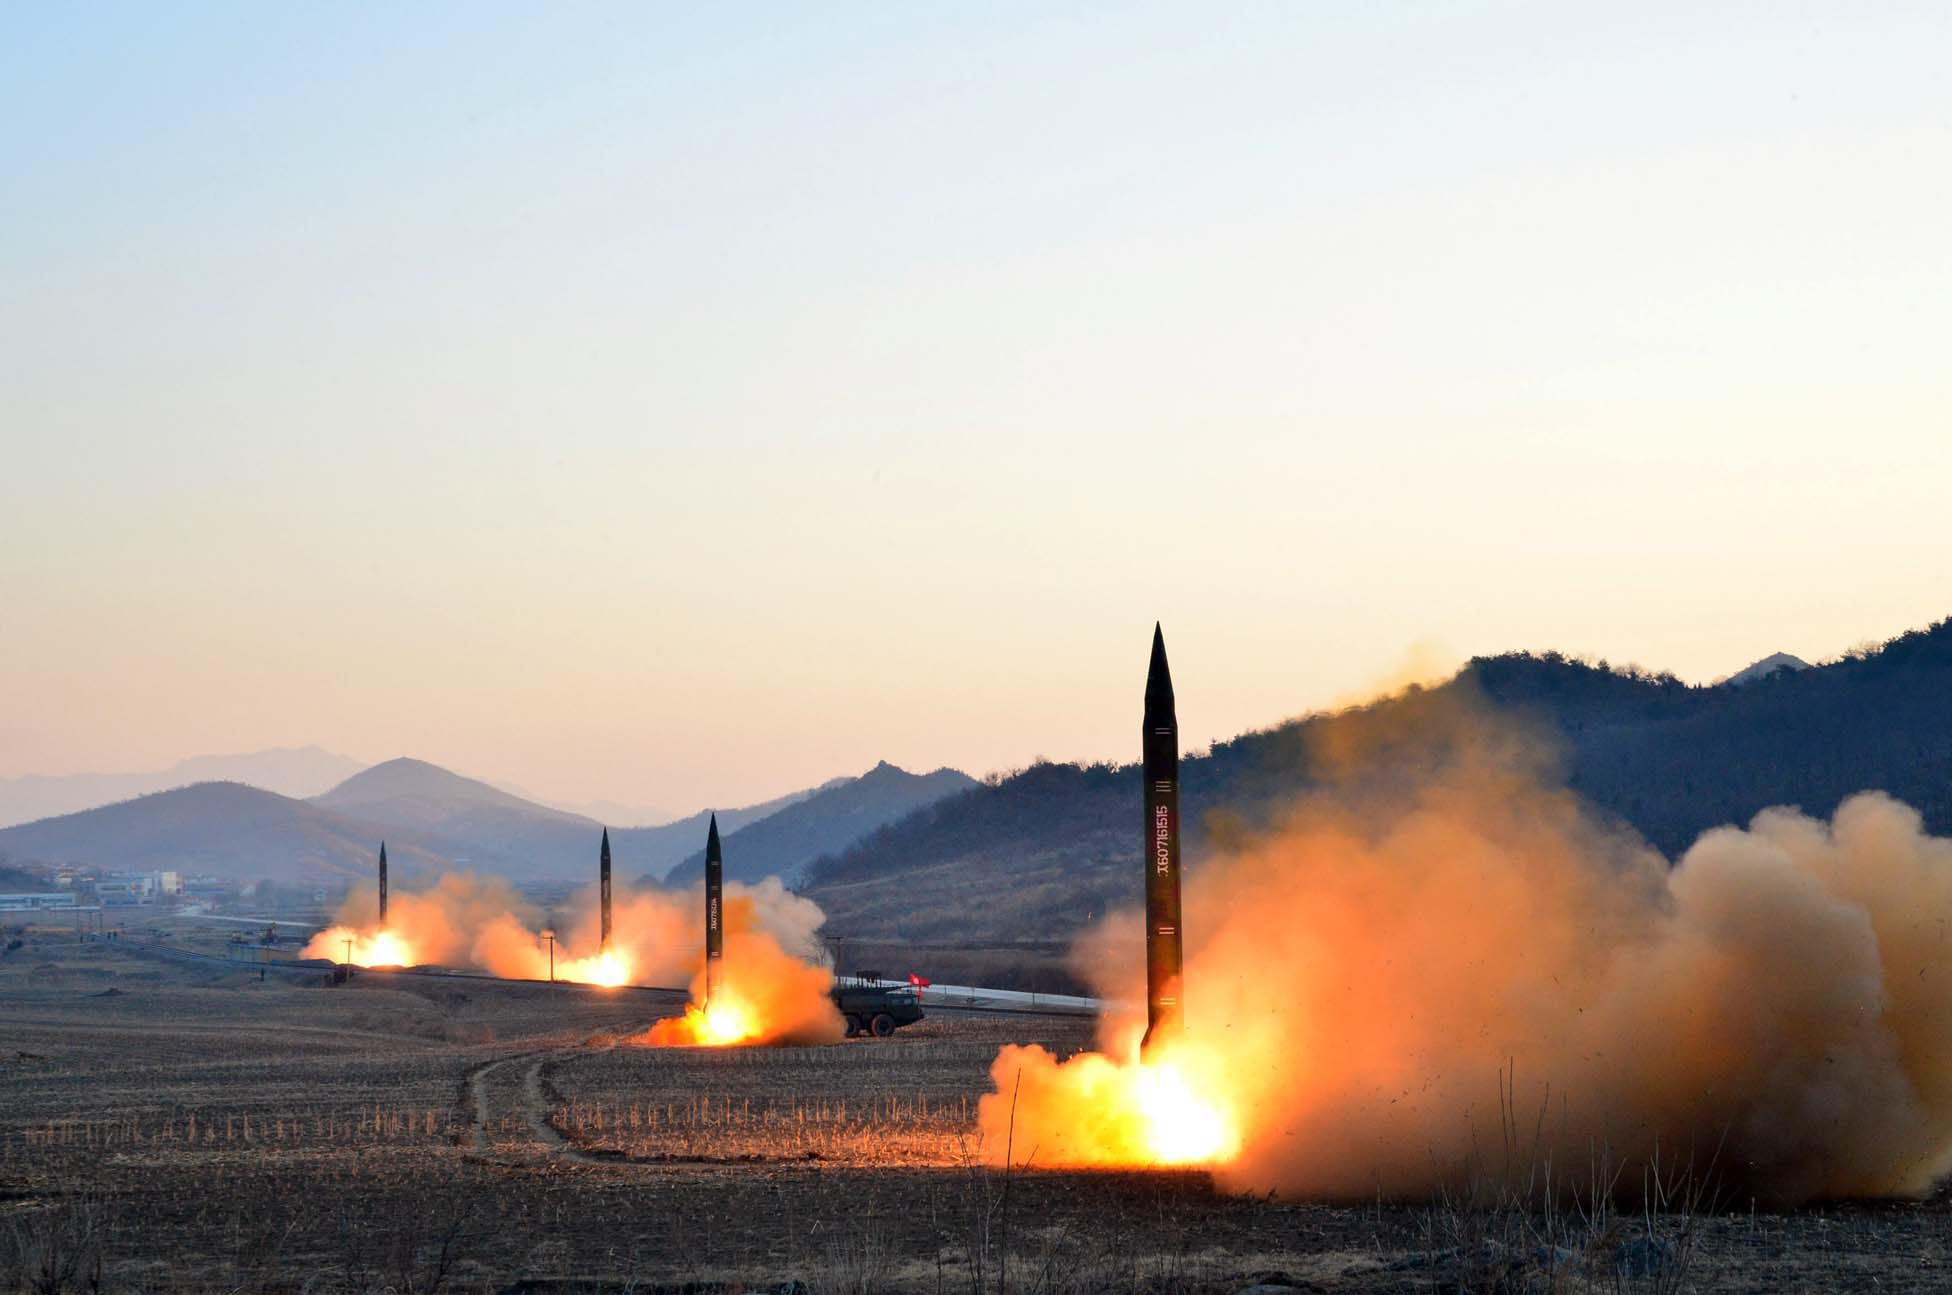 11_27_Russia_North_Korea